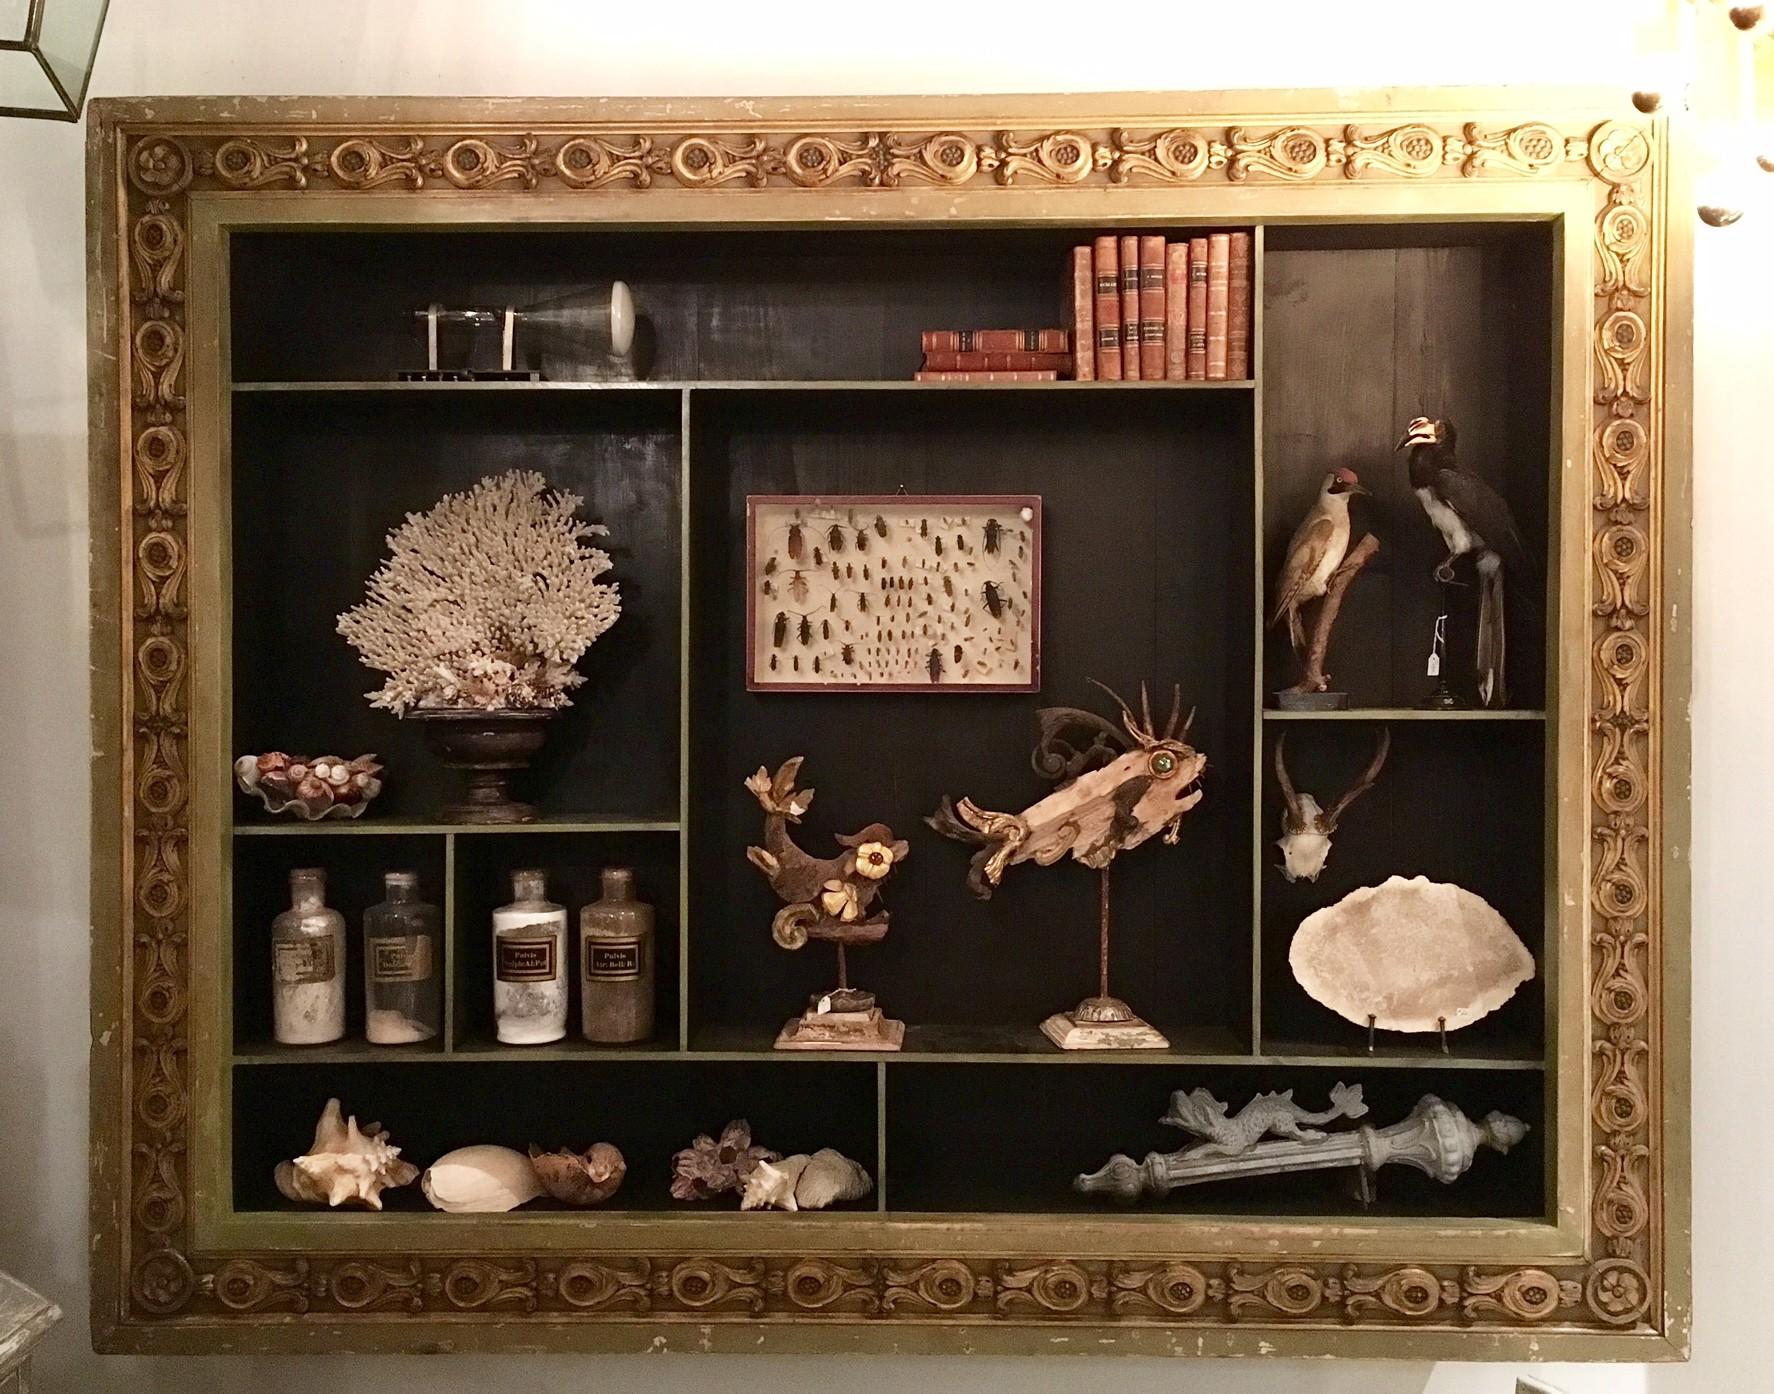 Rariteitenkabinet, hangkast gemaakt van antieke lijst